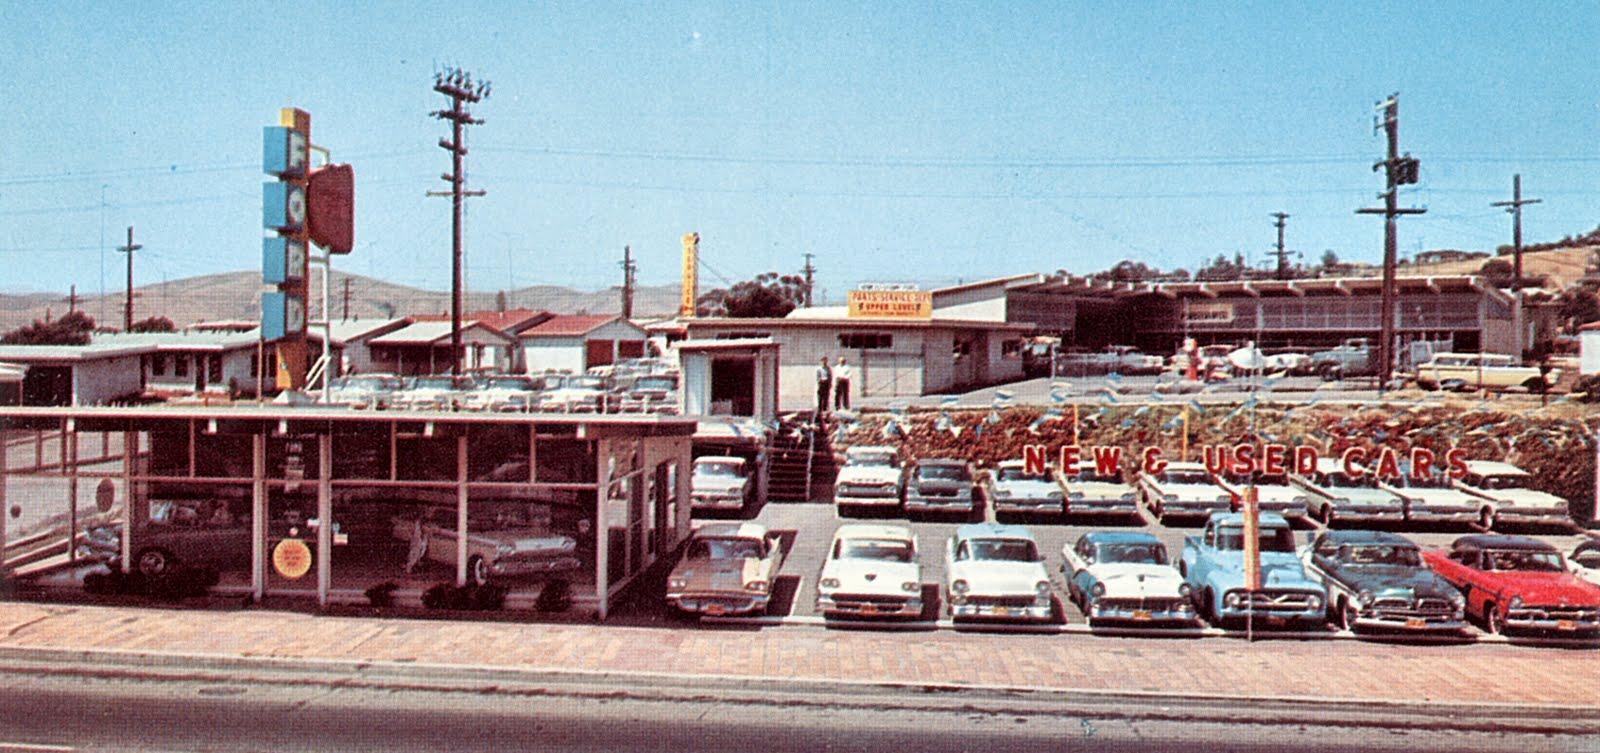 Used Car Dealerships Near Long Beach Ca